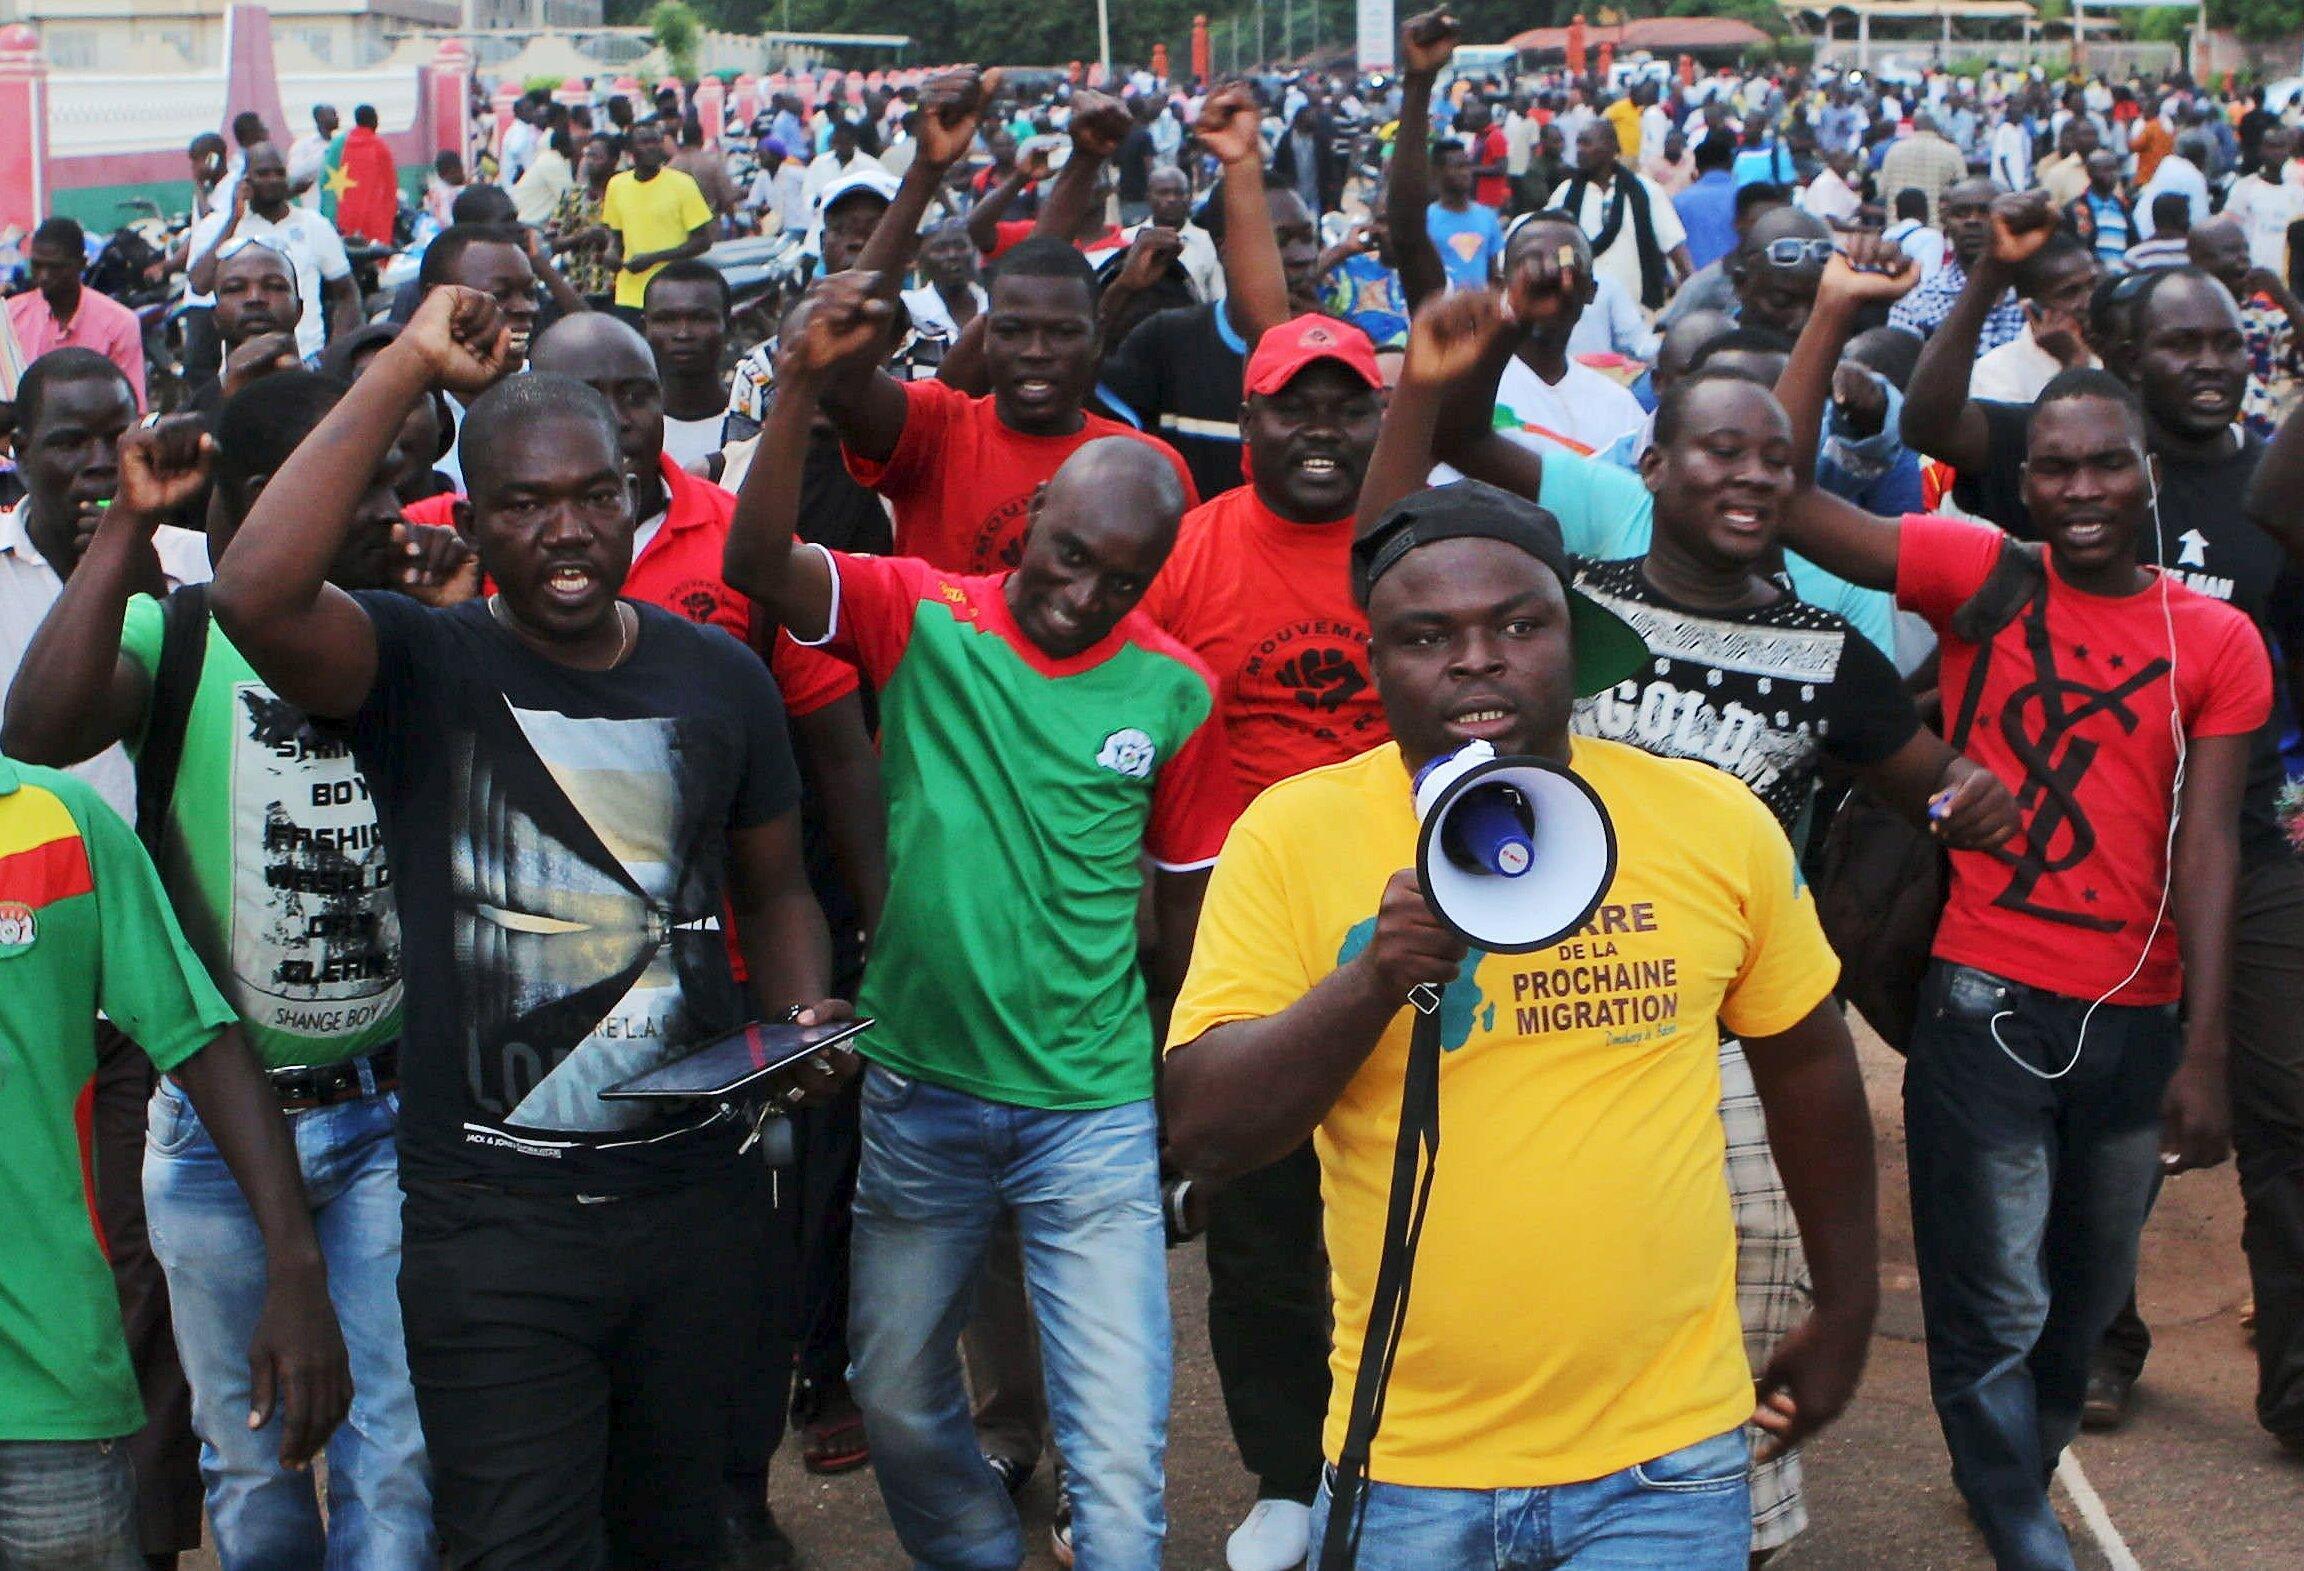 Zanga-zanga ta barke a Burkina Faso bayan Sojoji sun kwace mulki